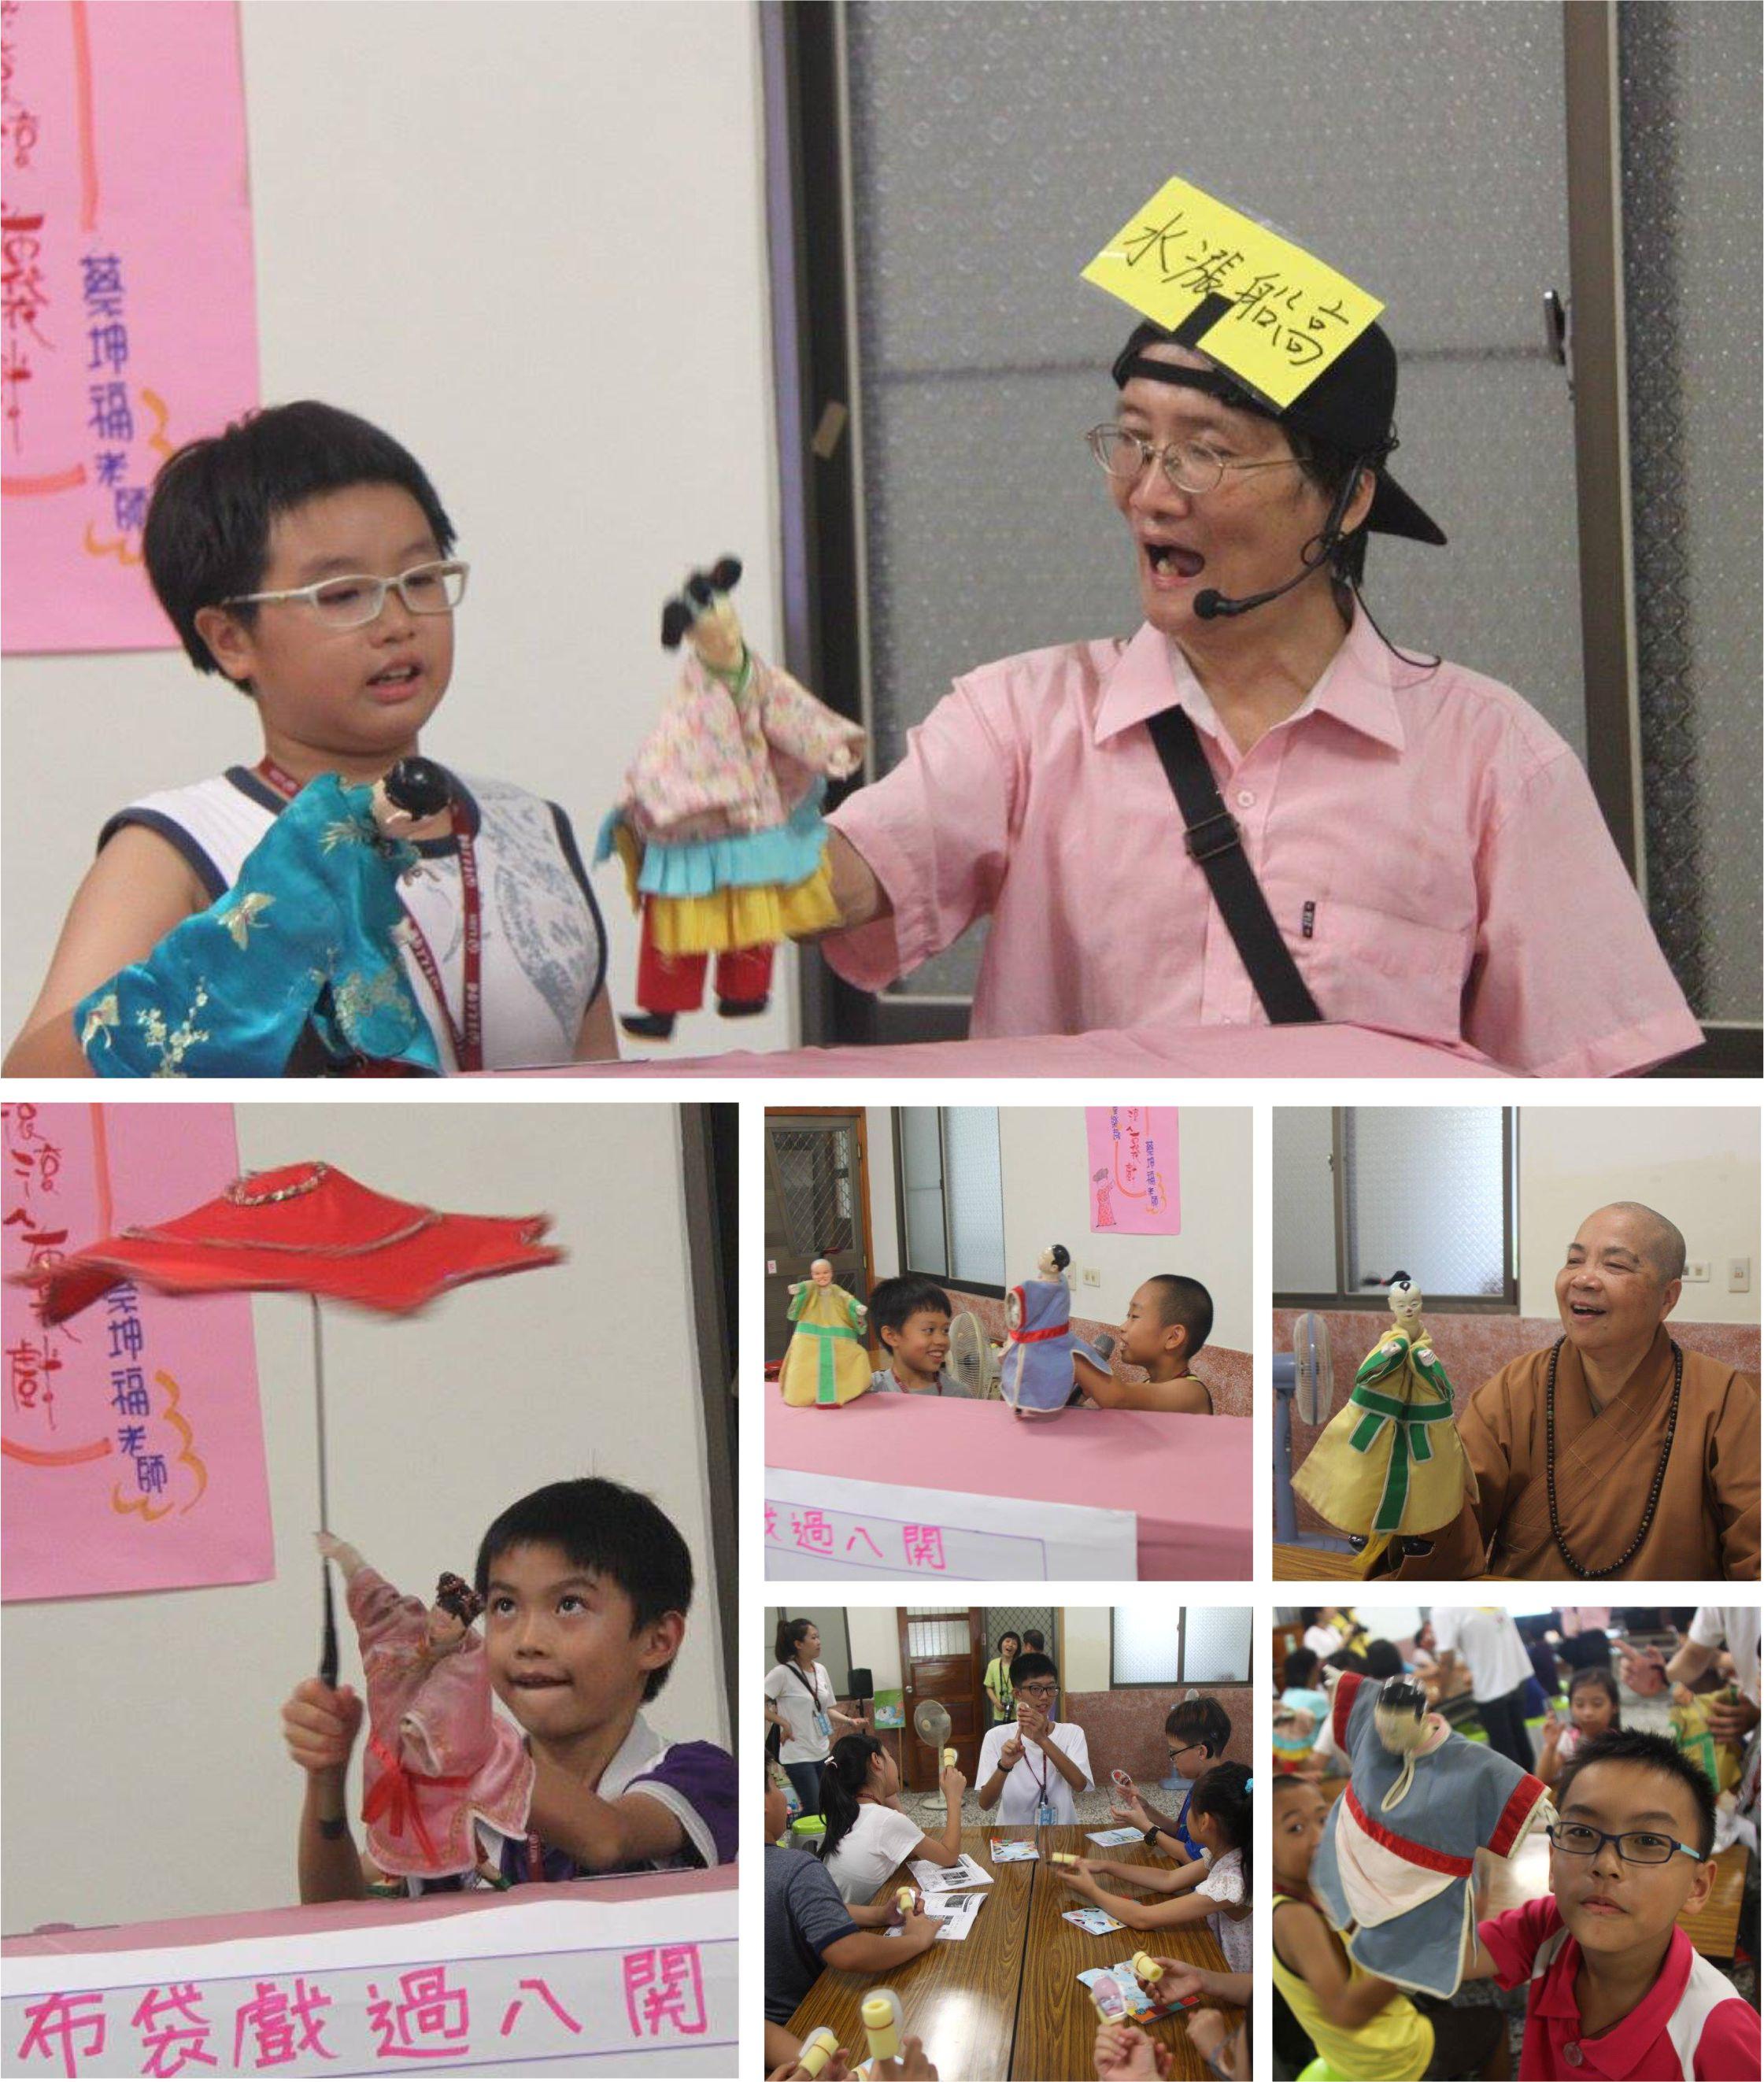 香光寺2016「開心一夏」兒童營--鬧熱滾滾ㄟ布袋戲體驗課程